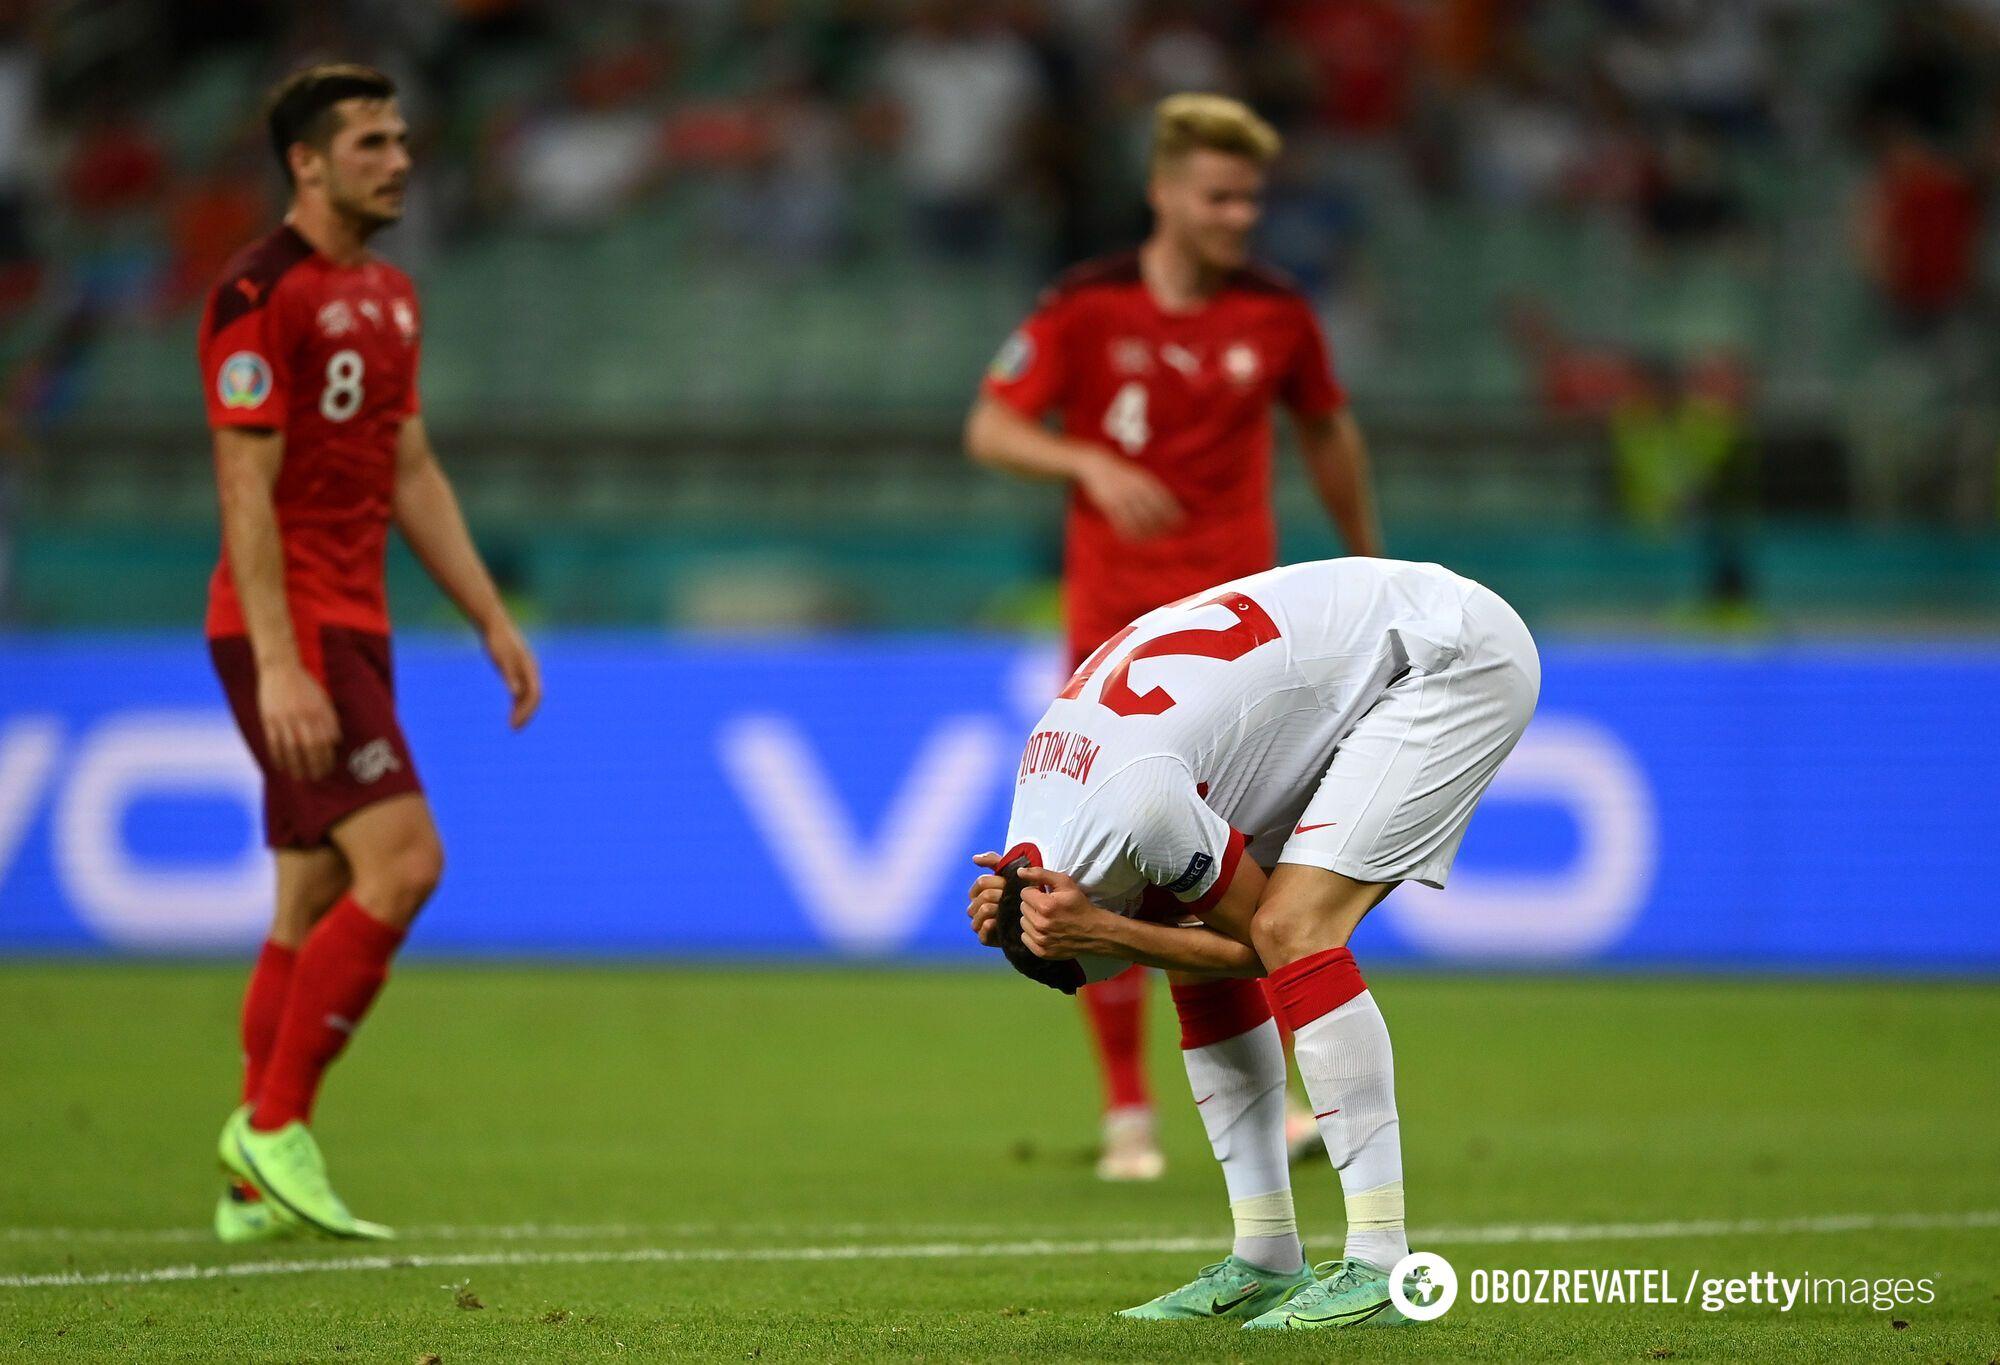 Турецькі футболісти погано зіграли в захисті